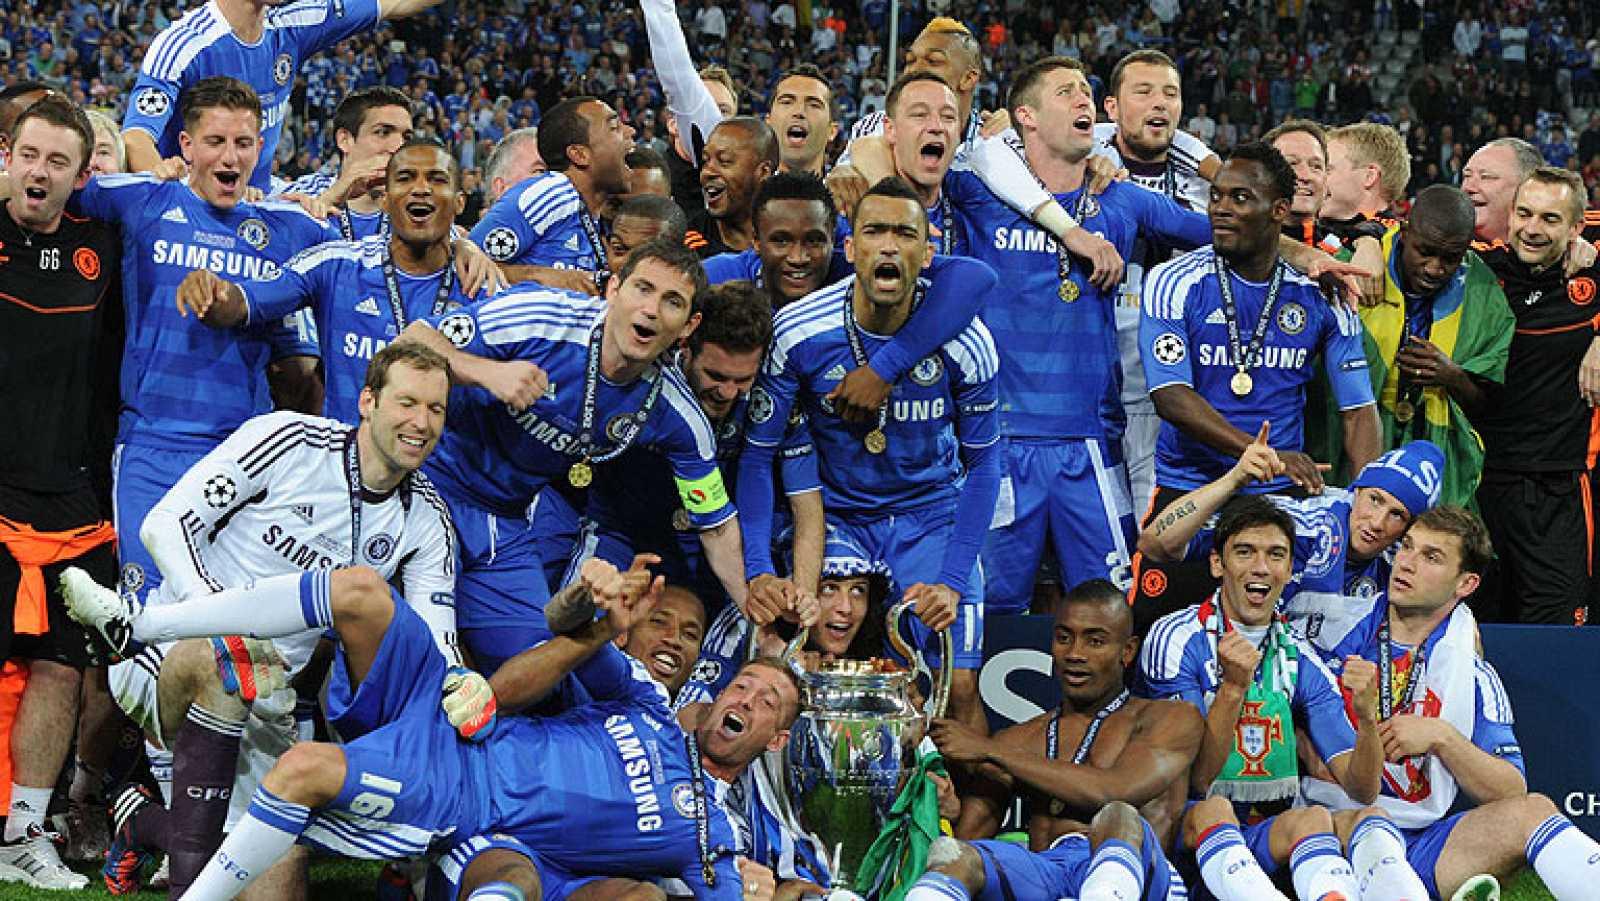 Resultado de imagen de chelsea campeon Uefa champions League